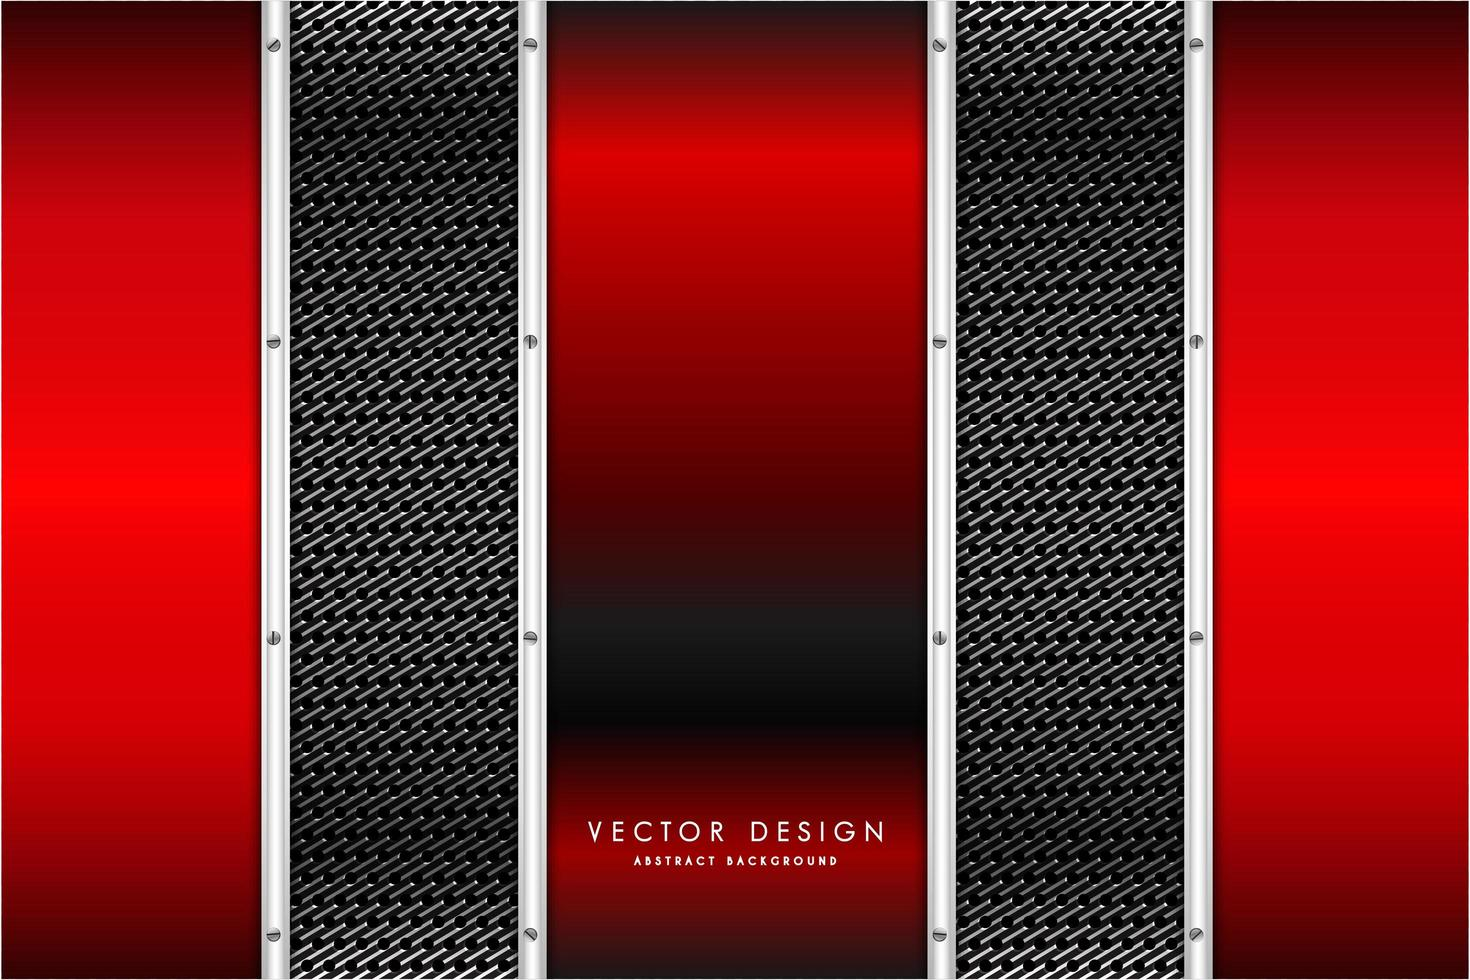 panneaux verticaux rouges métalliques sur la texture en fibre de carbone vecteur